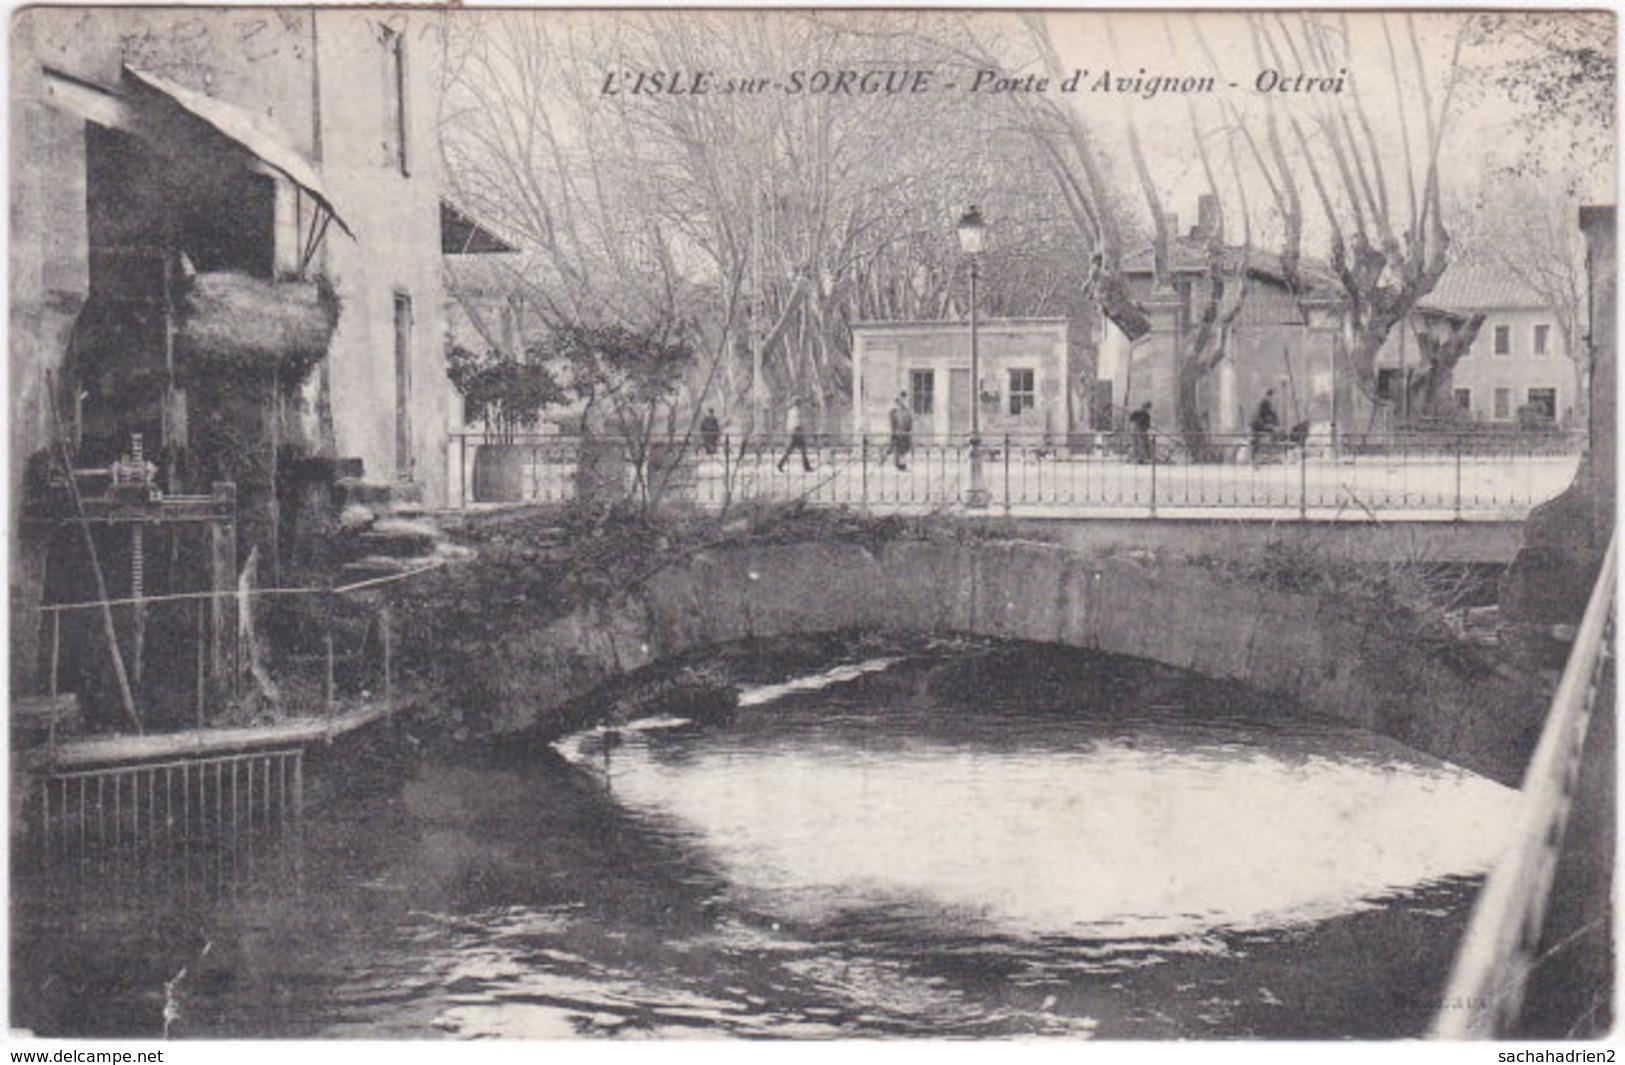 84. L'ISLE-SUR-SORGUE. Porte D'Avignon. Octroi - L'Isle Sur Sorgue